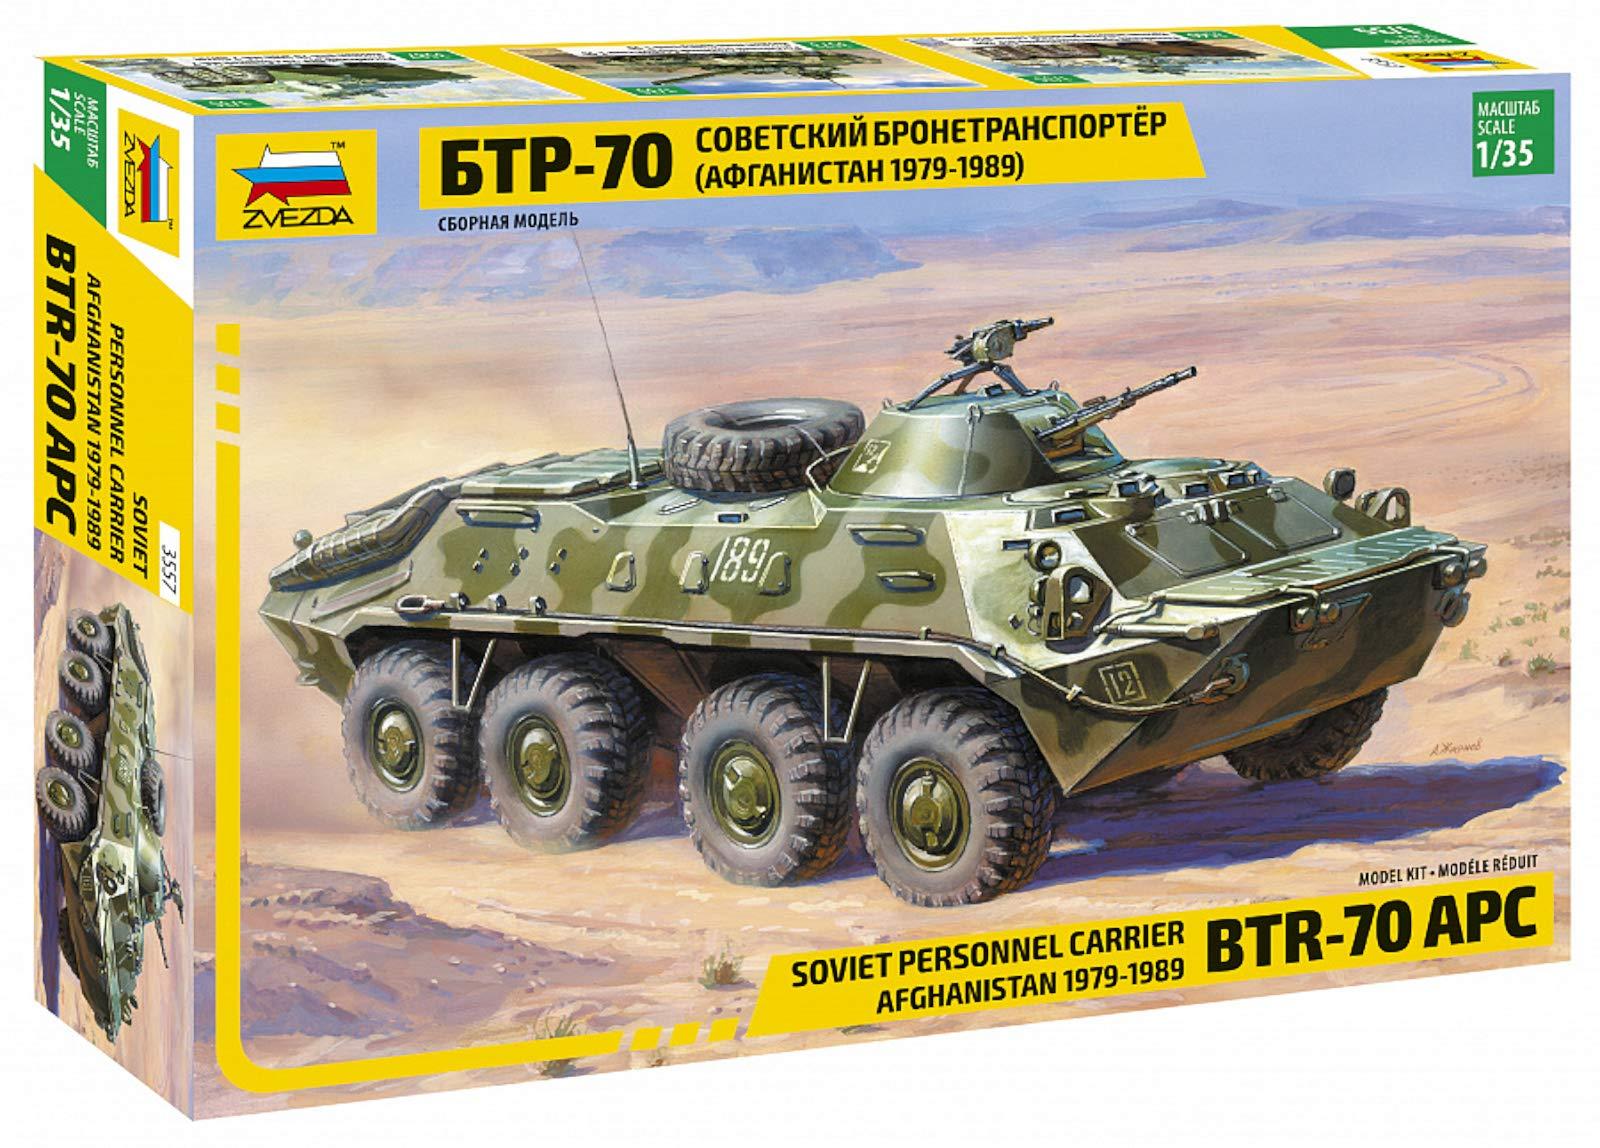 Zvezda Models BTR-70 APC Afghanistan Model Kit